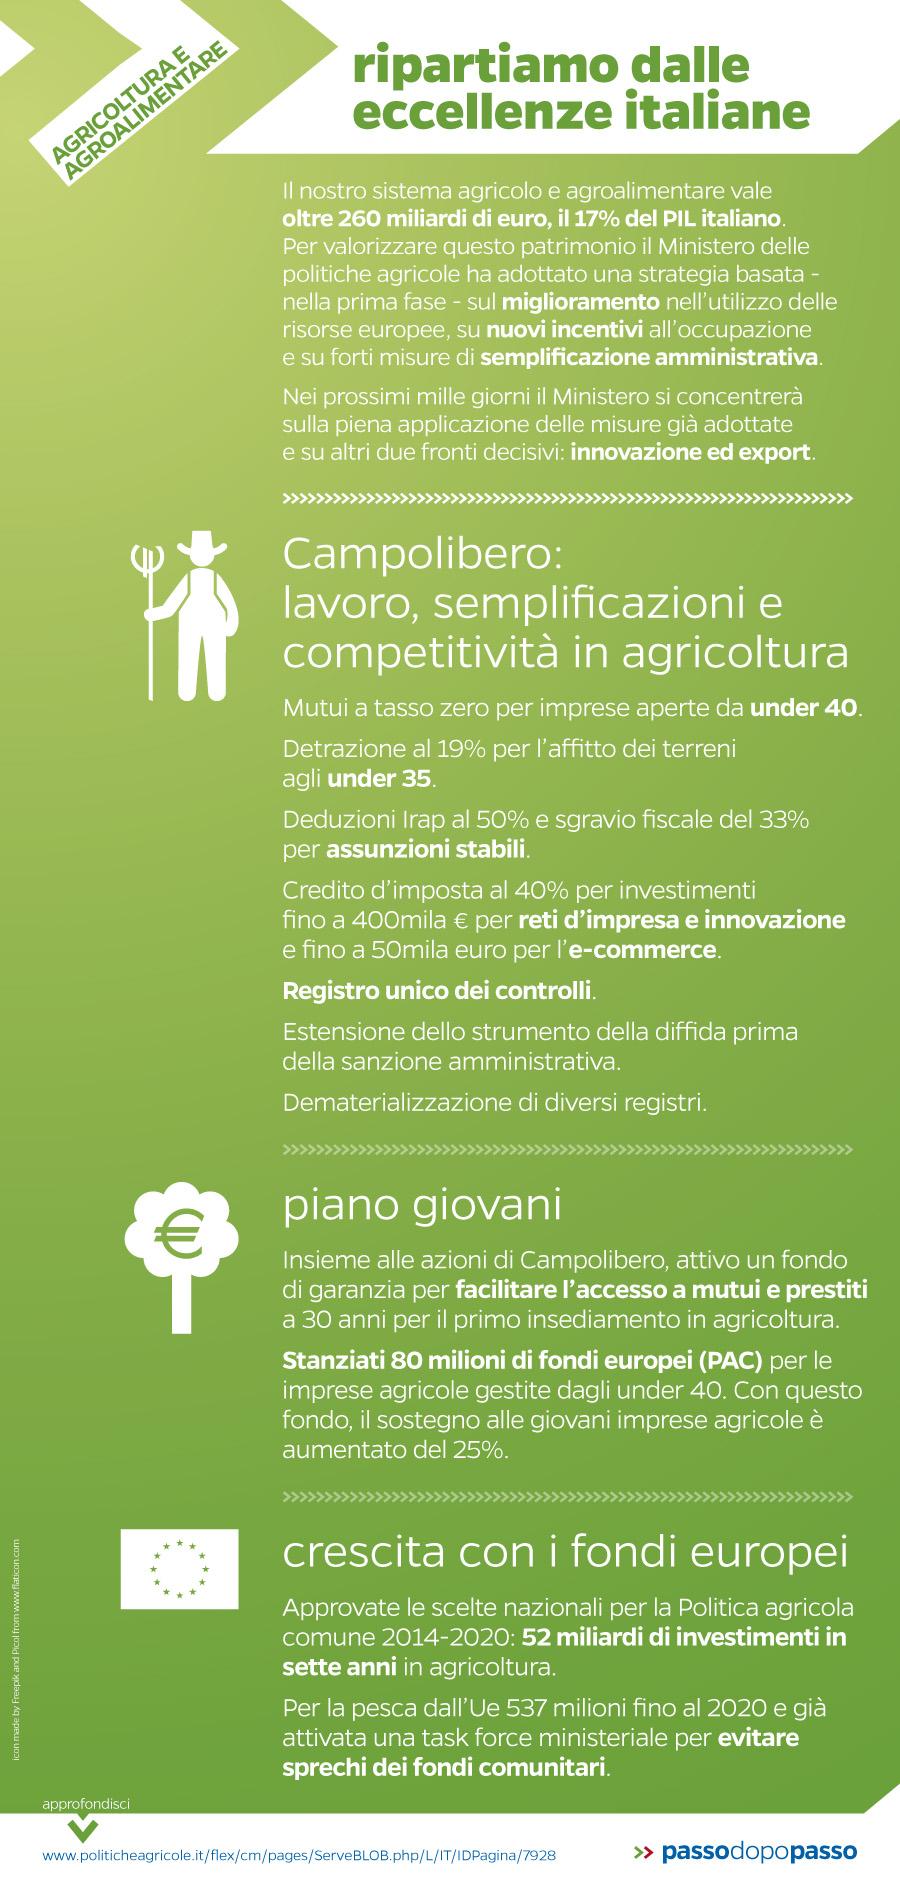 Infografica: Agricoltura e agroalimentare: ripartiamo dalle eccellenze italiane